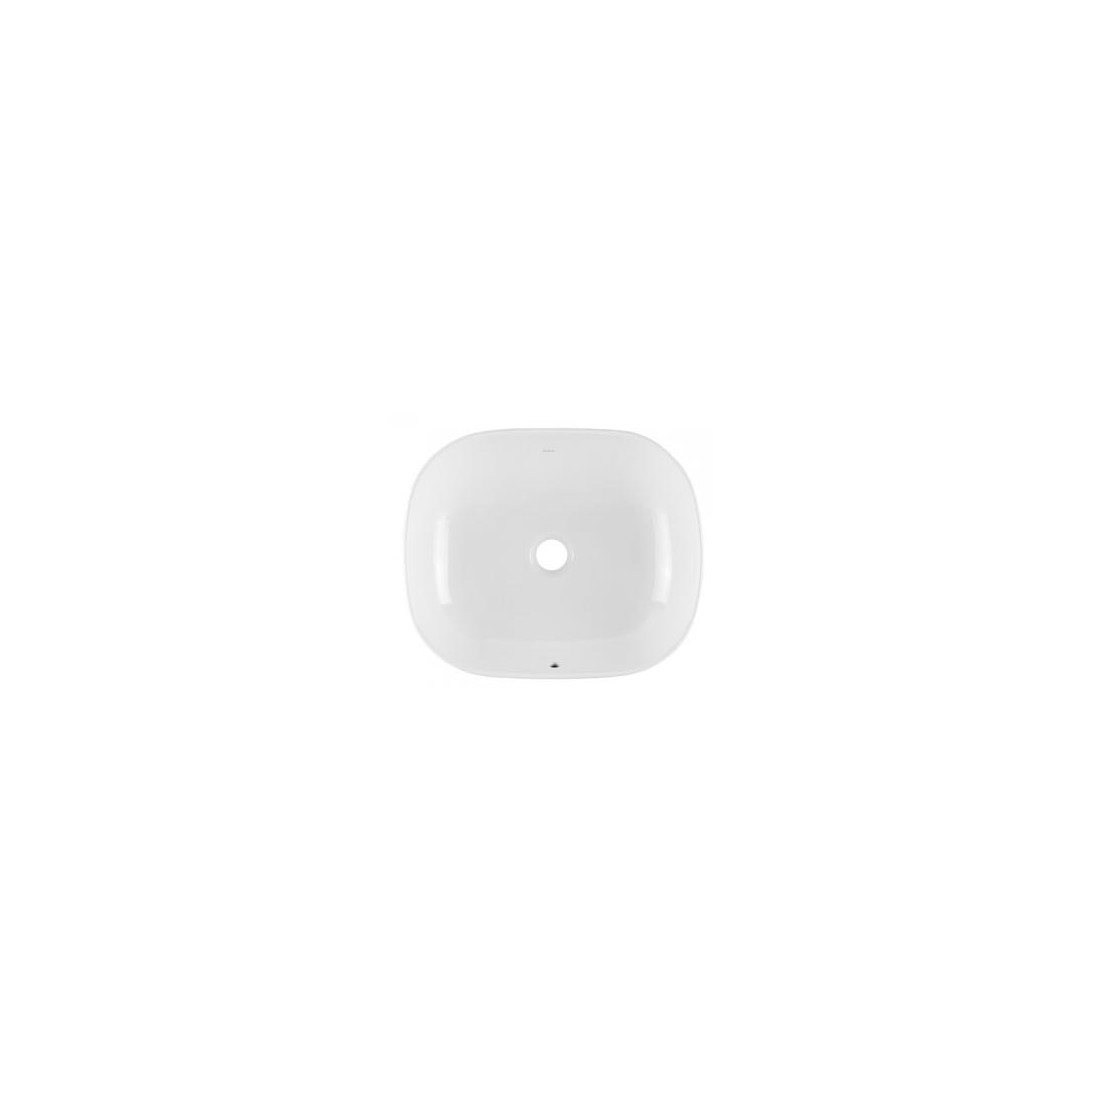 Pastatomas praustuvas SANIBOLD 480x400x150mm, baltas